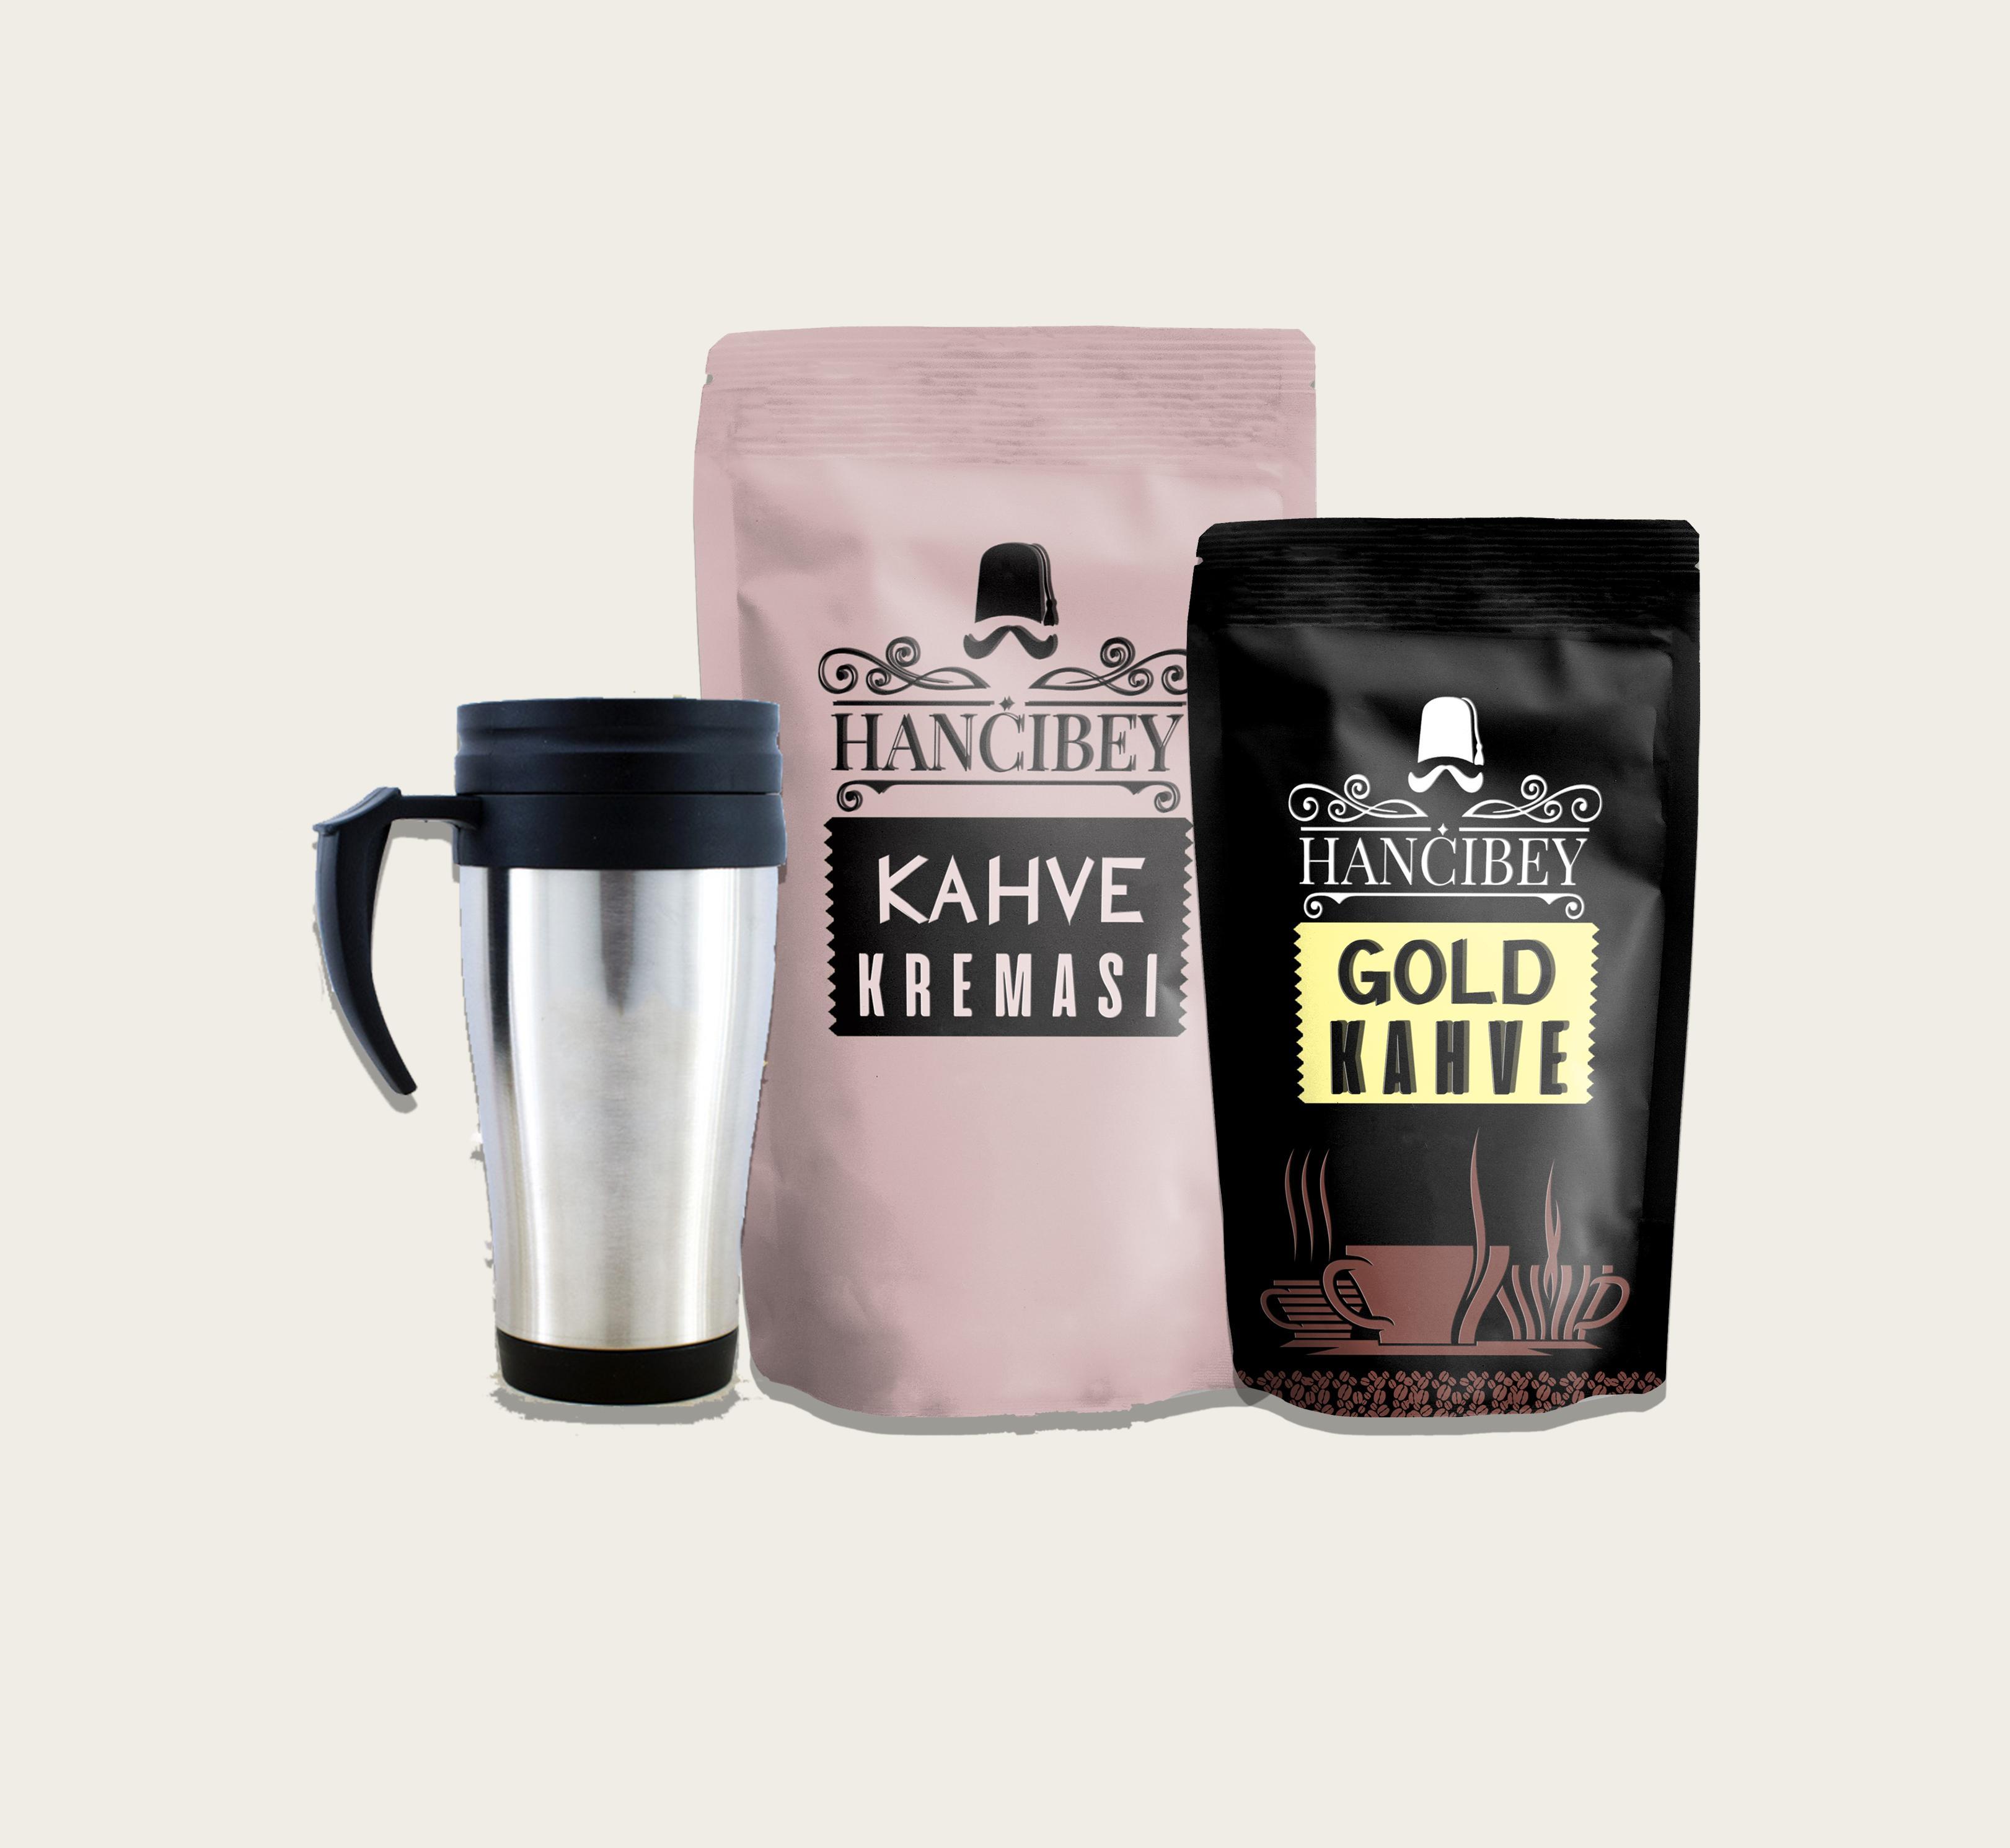 Gold Kahve Seti (Kahve Krema, Gold Kahve, Kahve Termos)